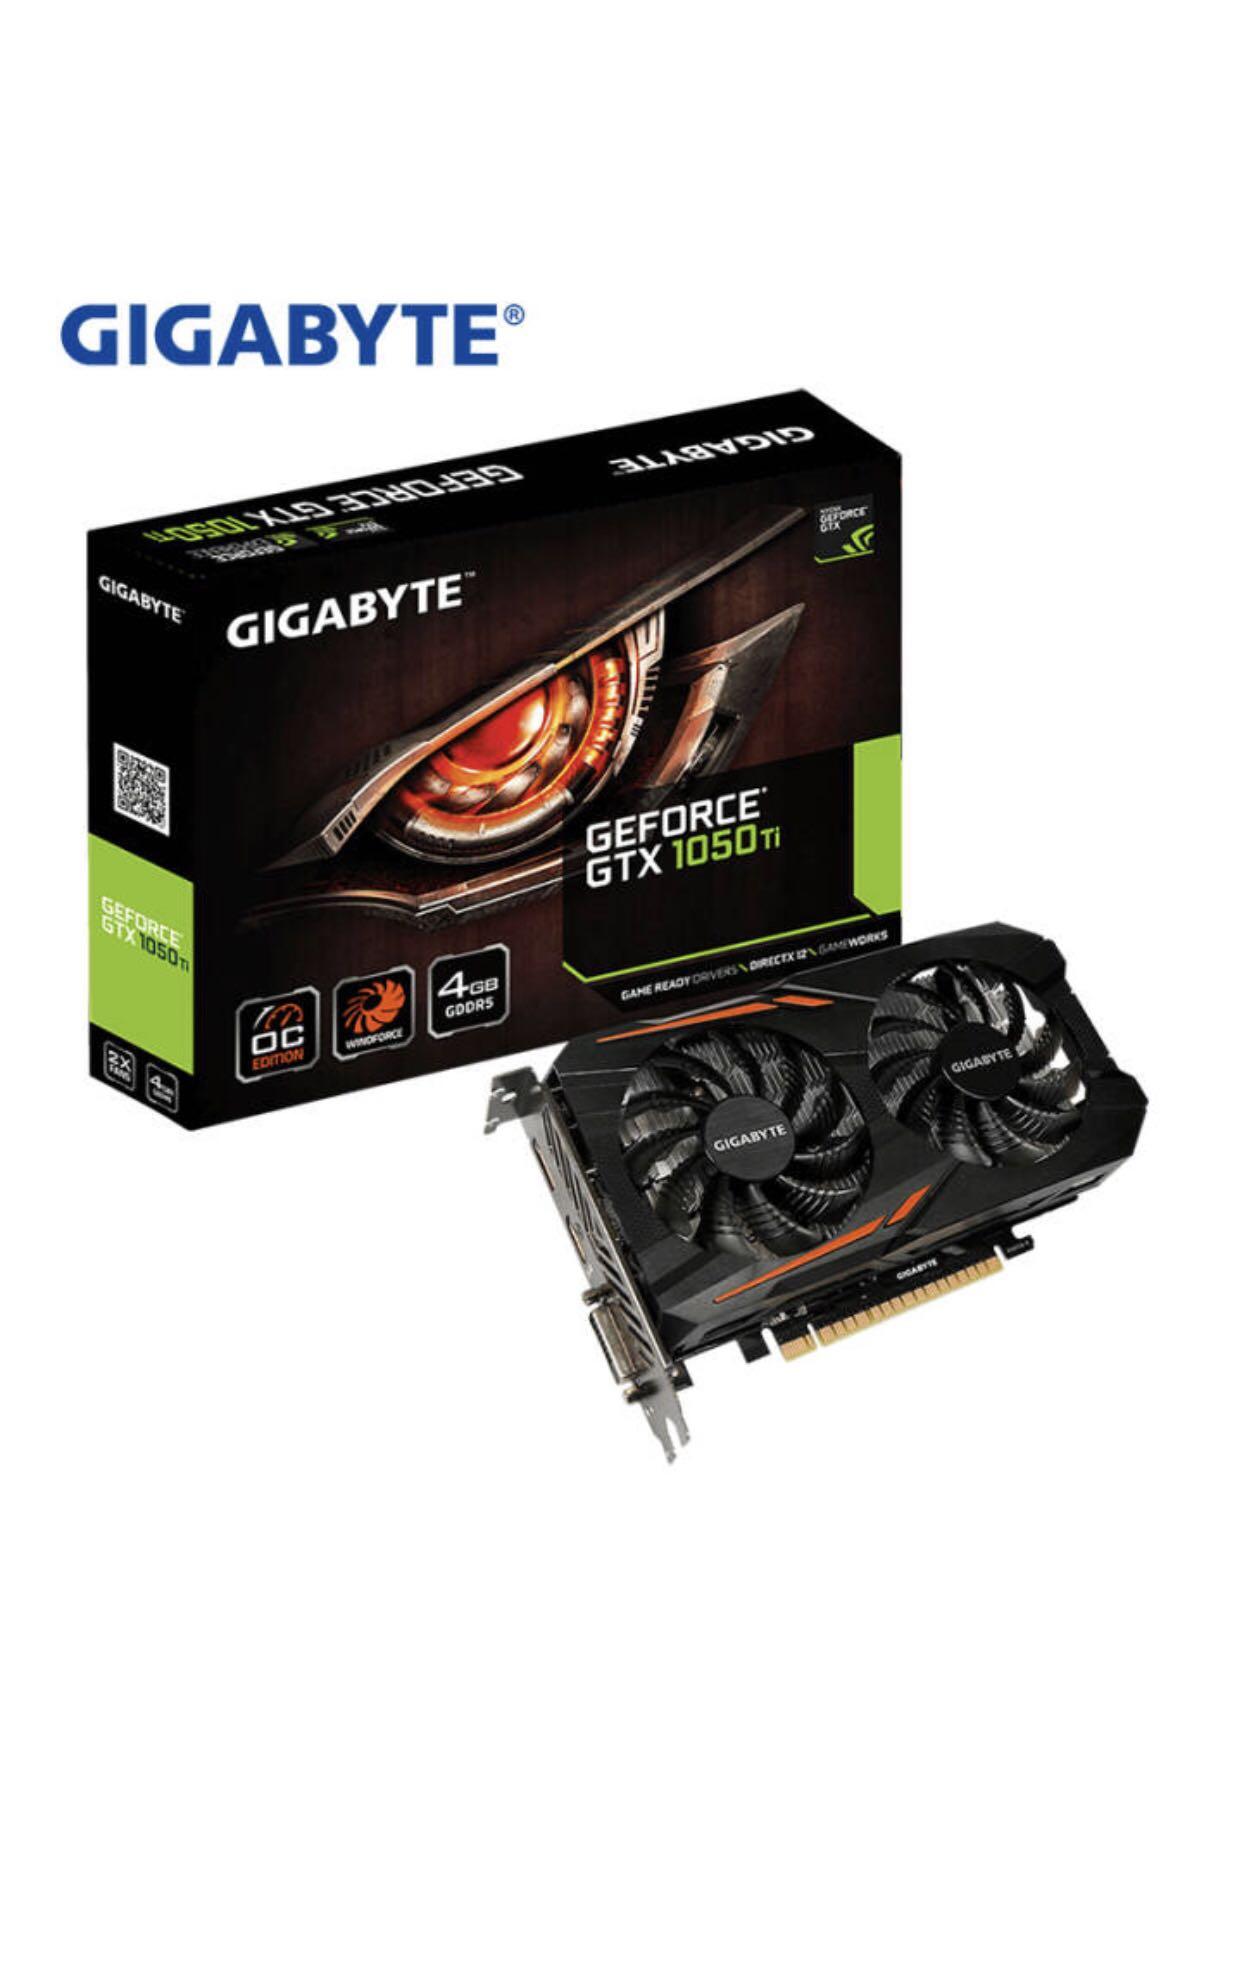 技嘉(GIGABYTE) GTX1050Ti4G显卡/游戏显卡 吃鸡显卡 技嘉显12月02日最新优惠